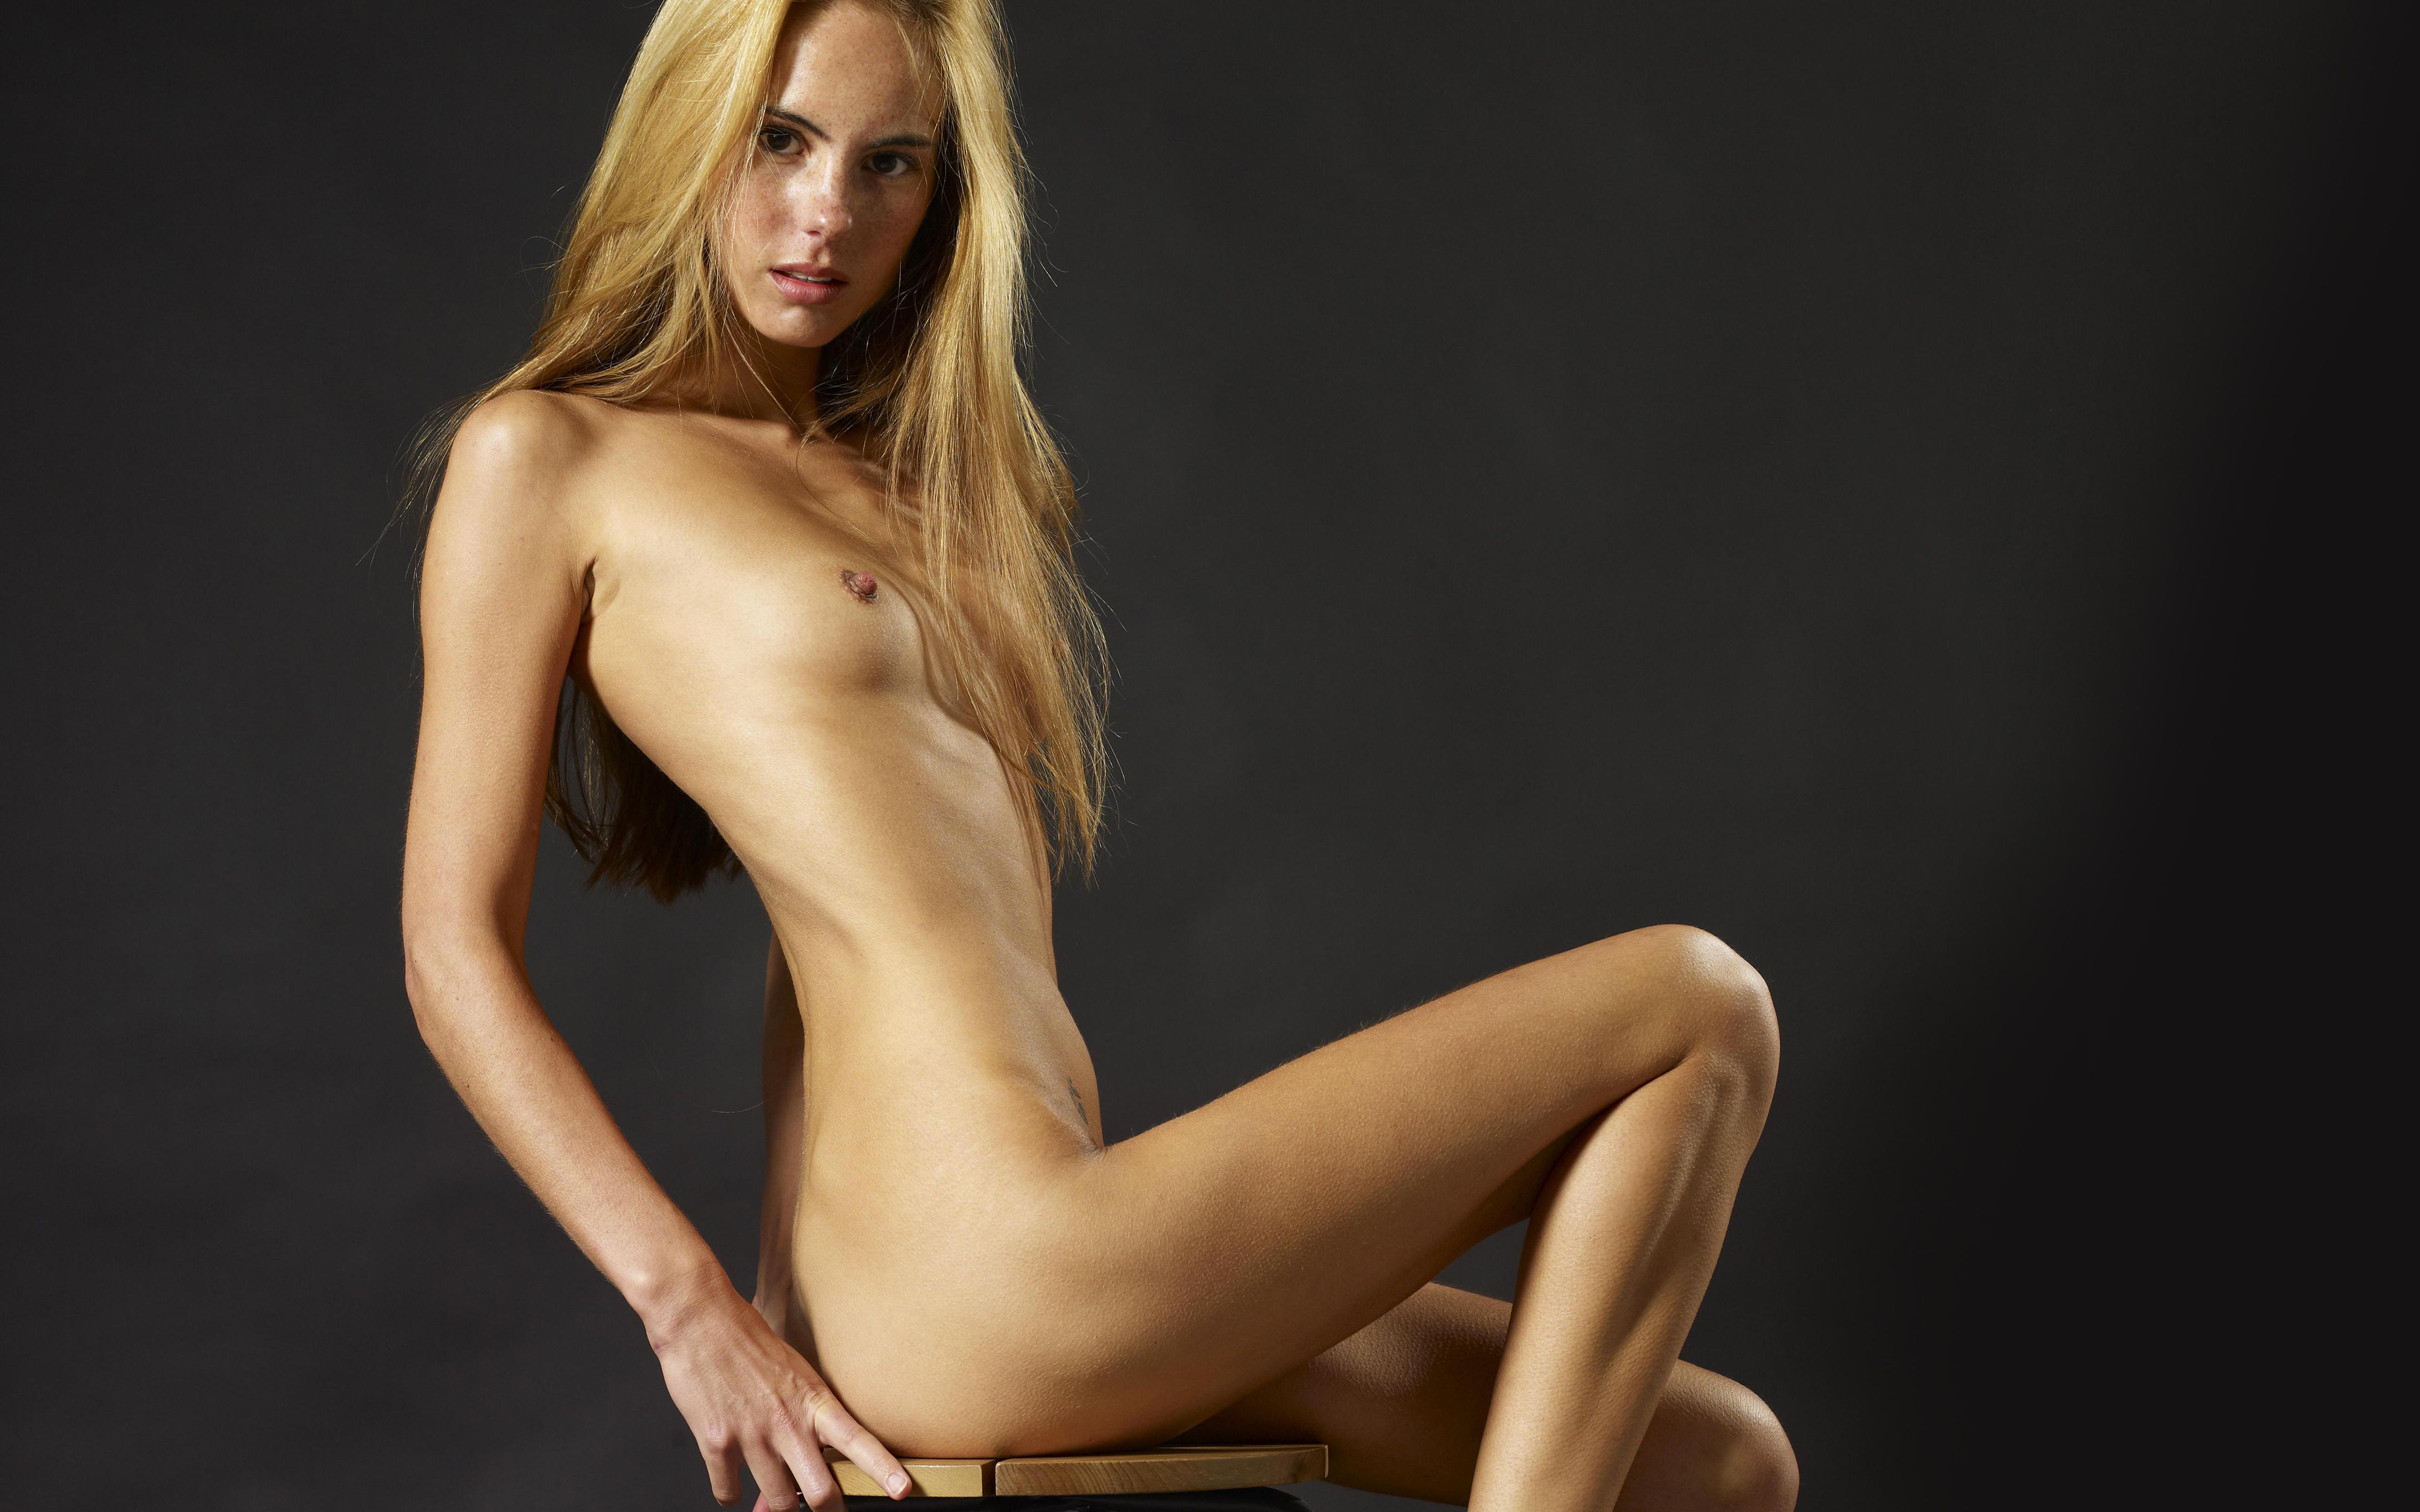 hot-model-naked-girl-skin